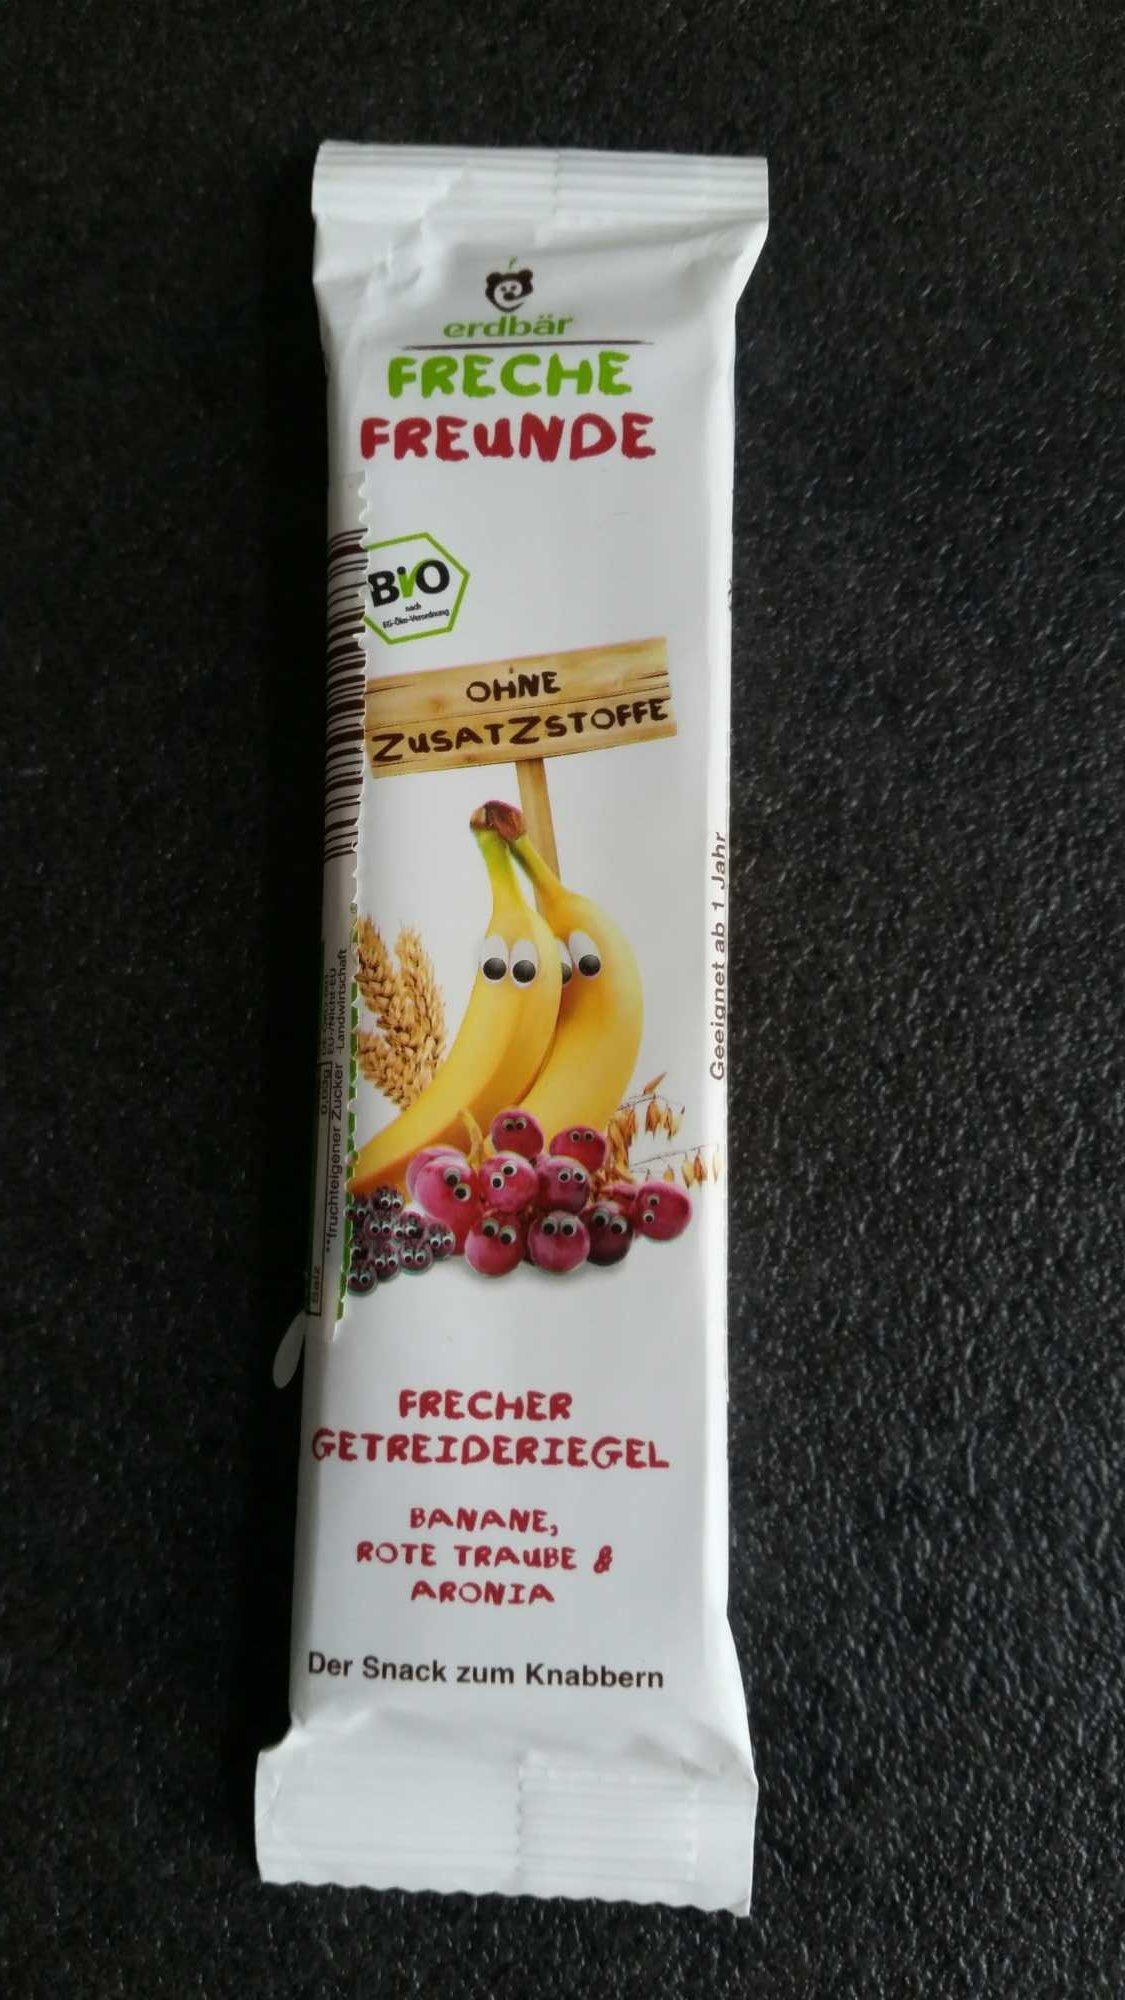 Frecher Getreideriegel - Produit